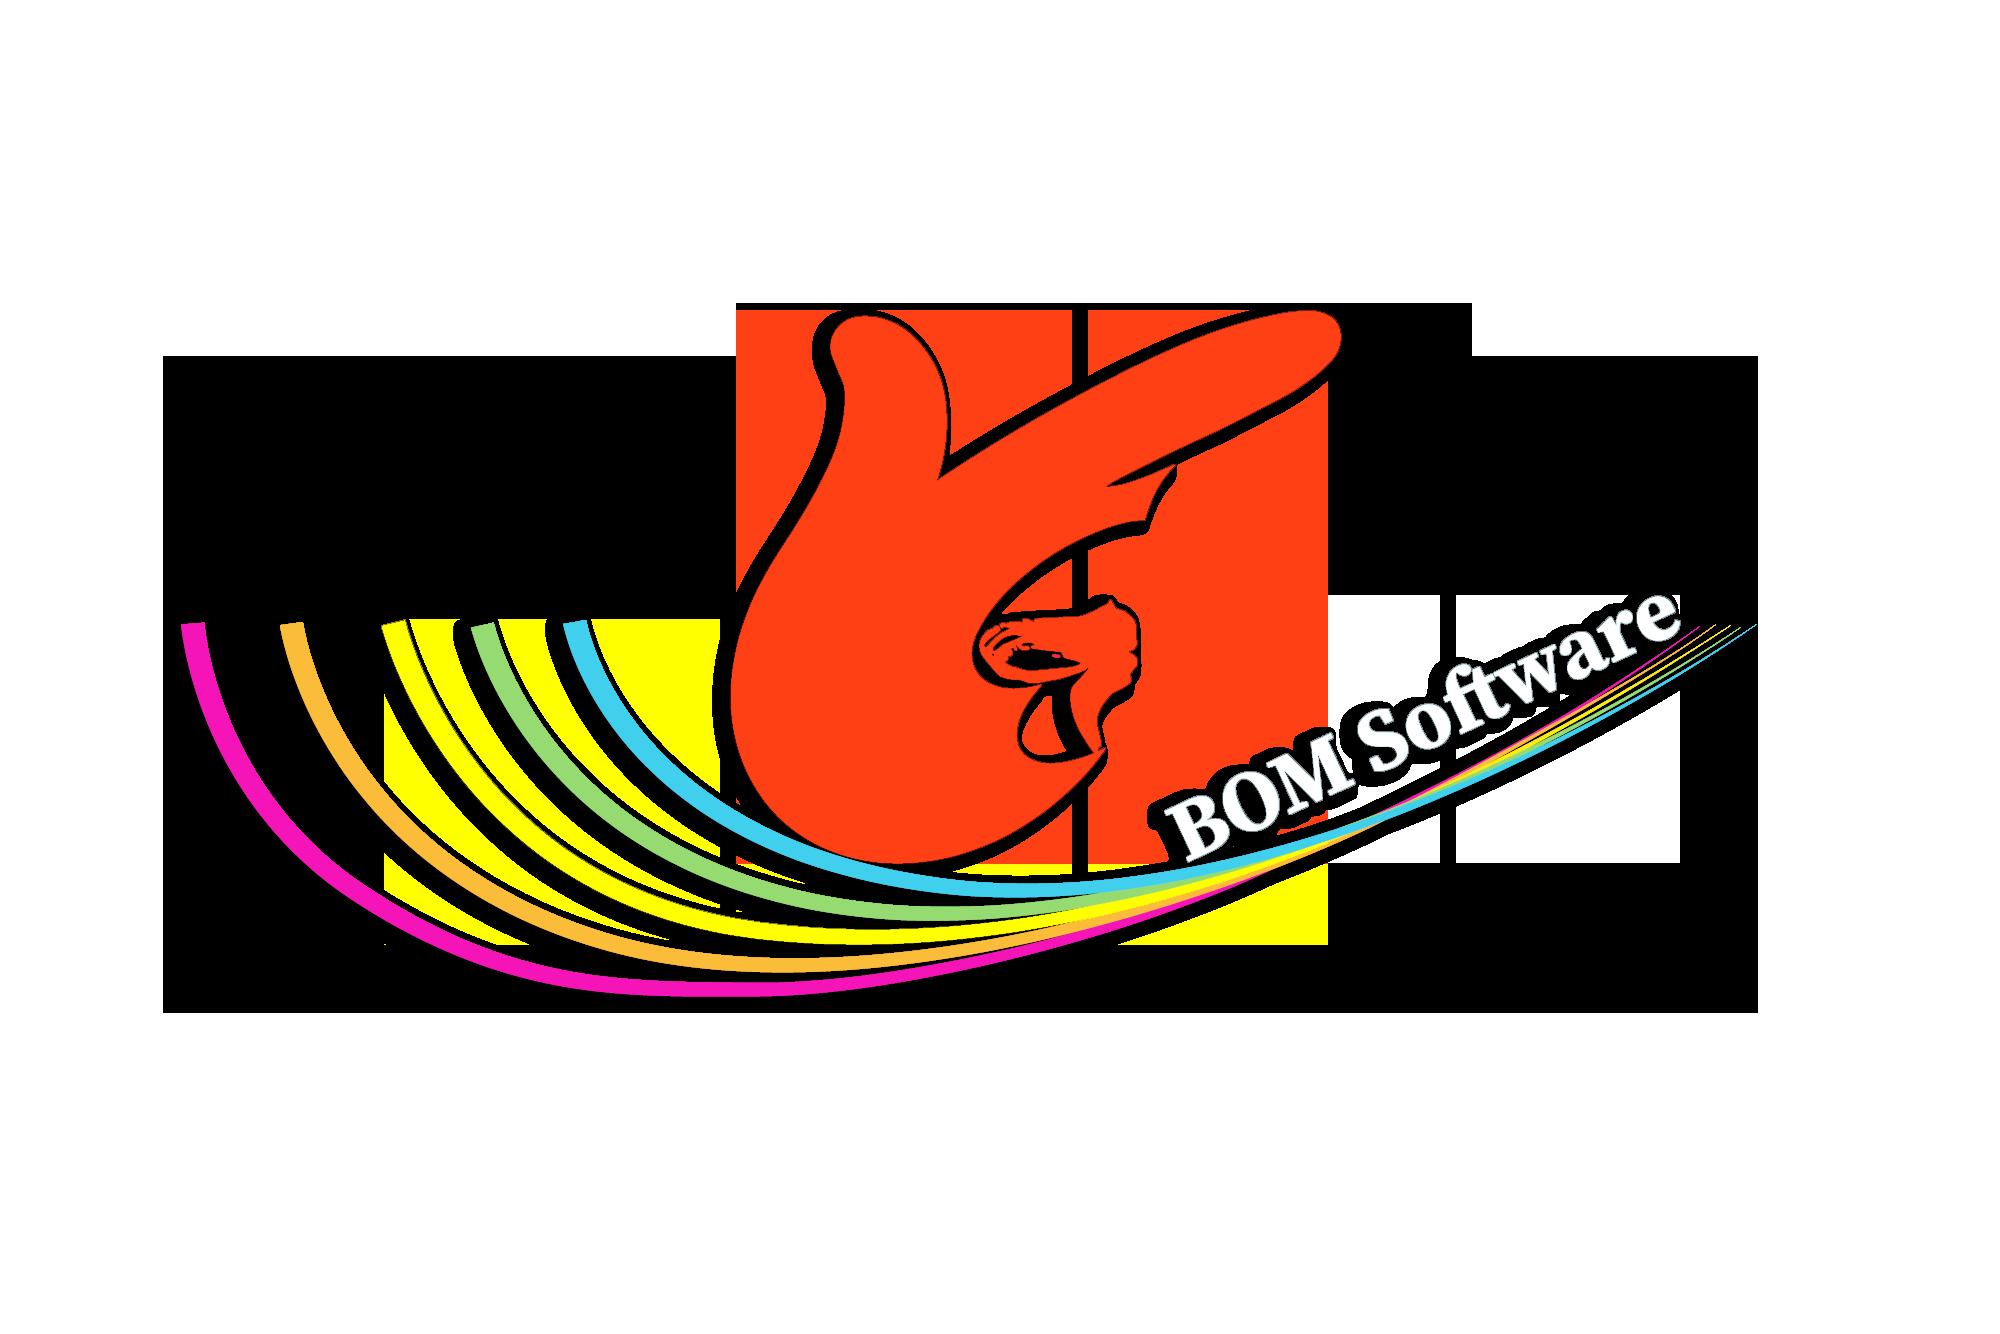 [BOM]-Logo_transparency3